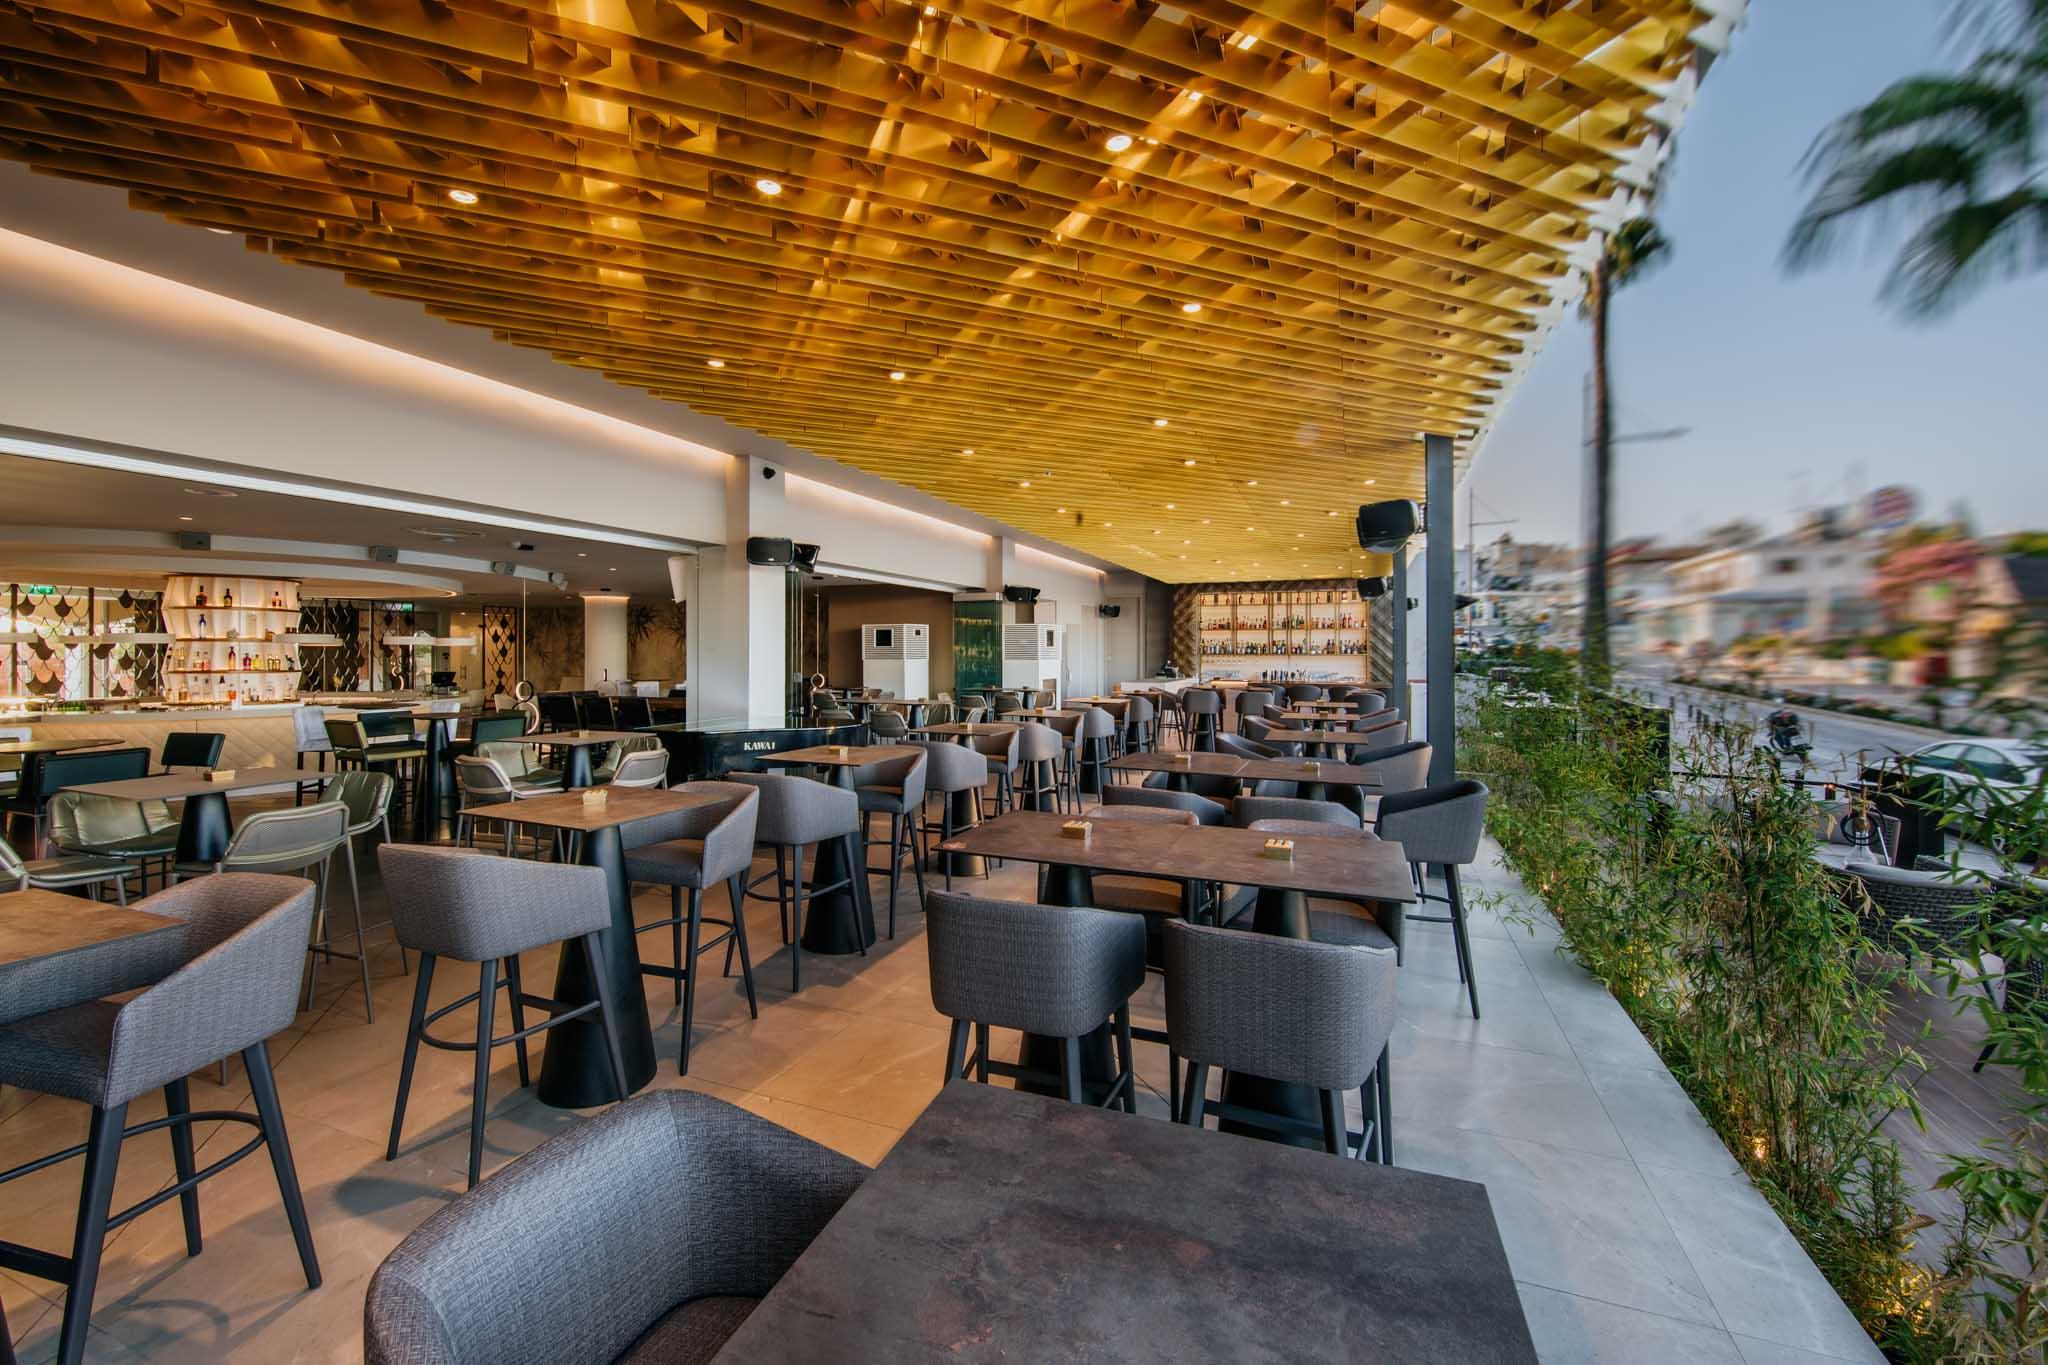 Napa-Plaza-restaurants-548